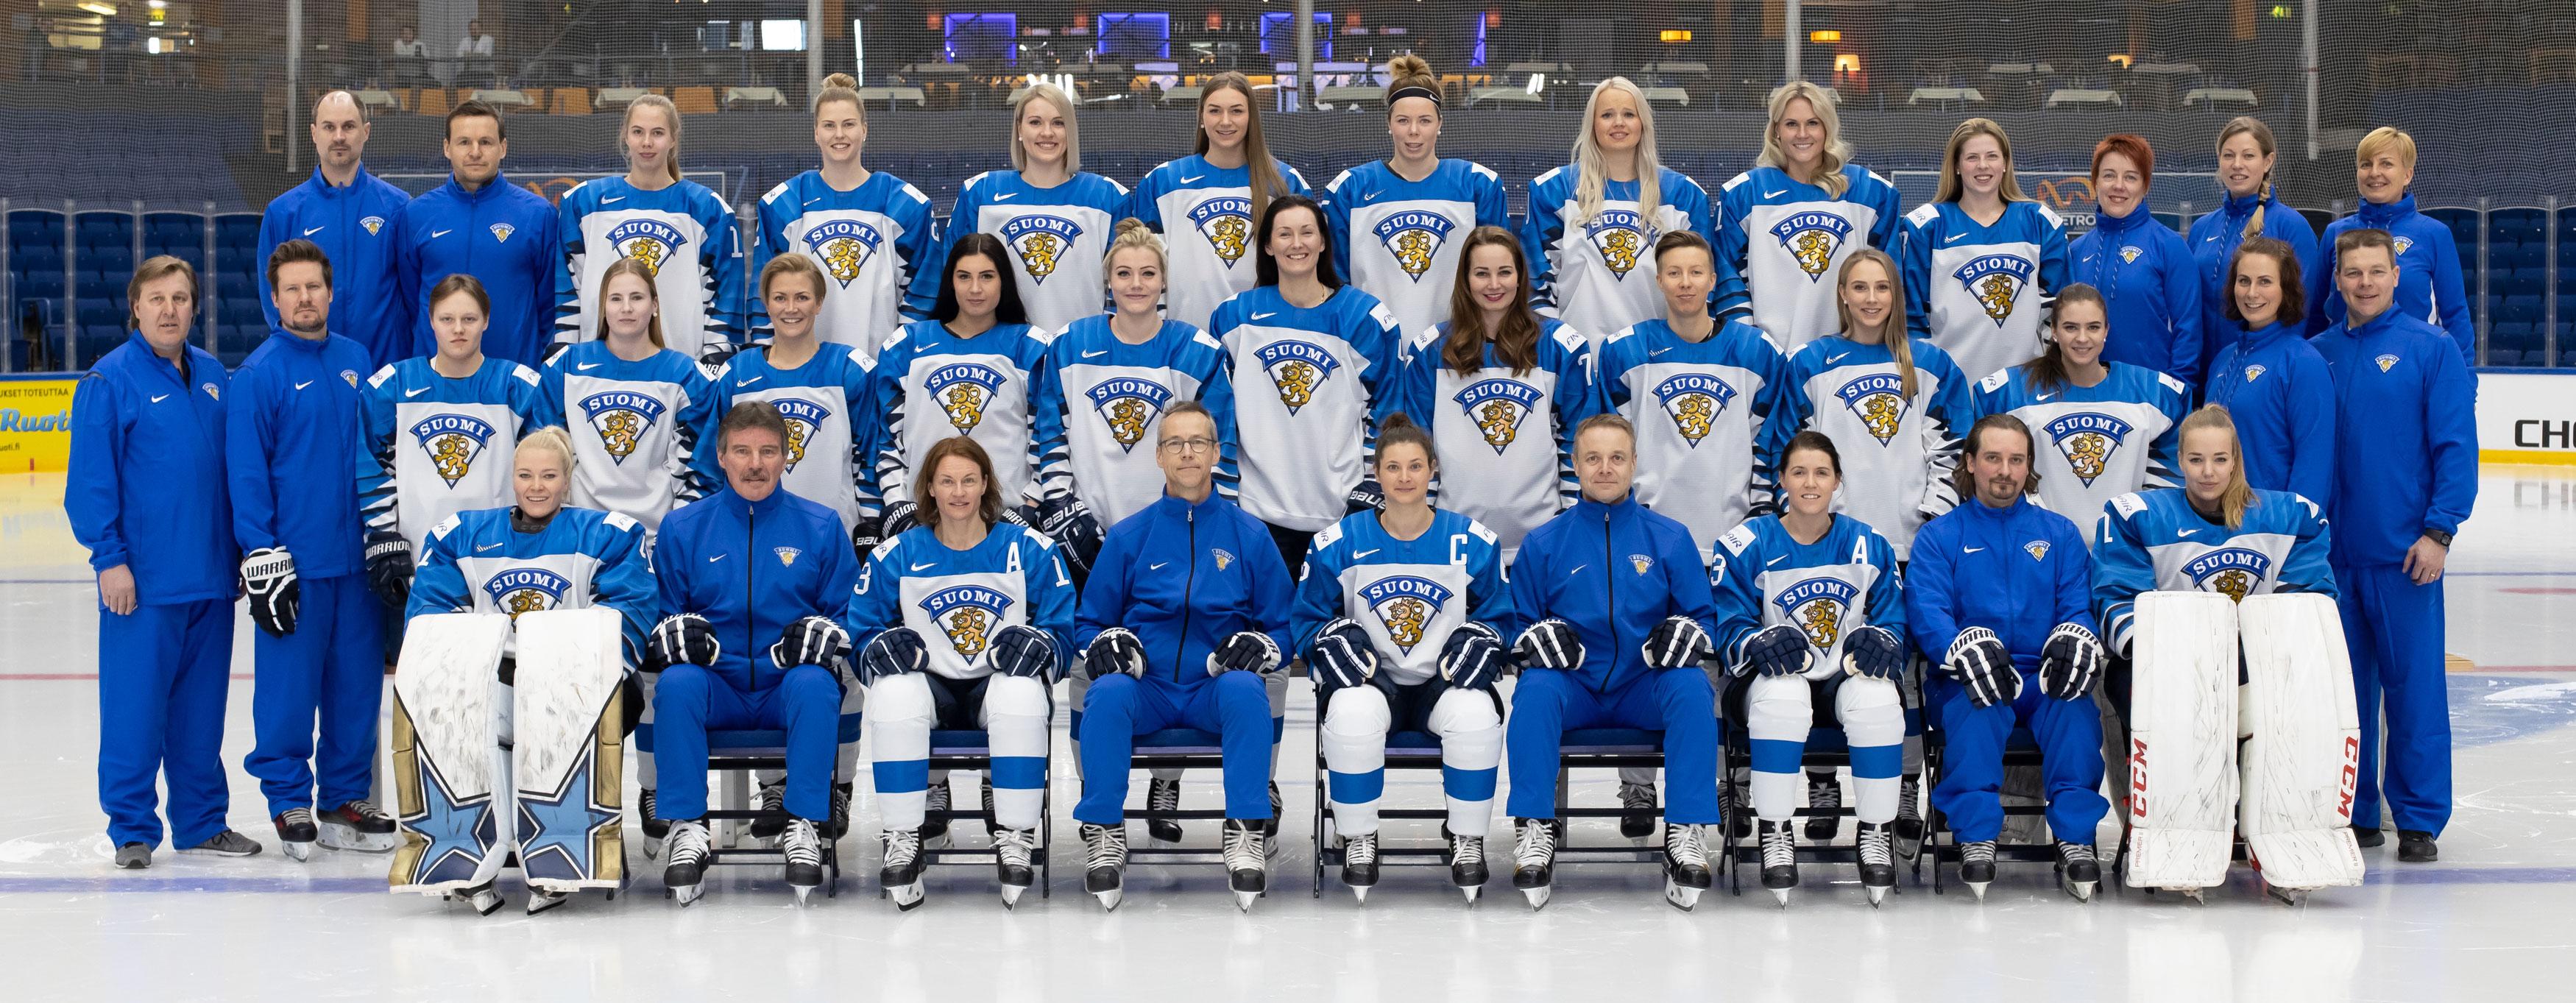 mm jääkiekko joukkueet